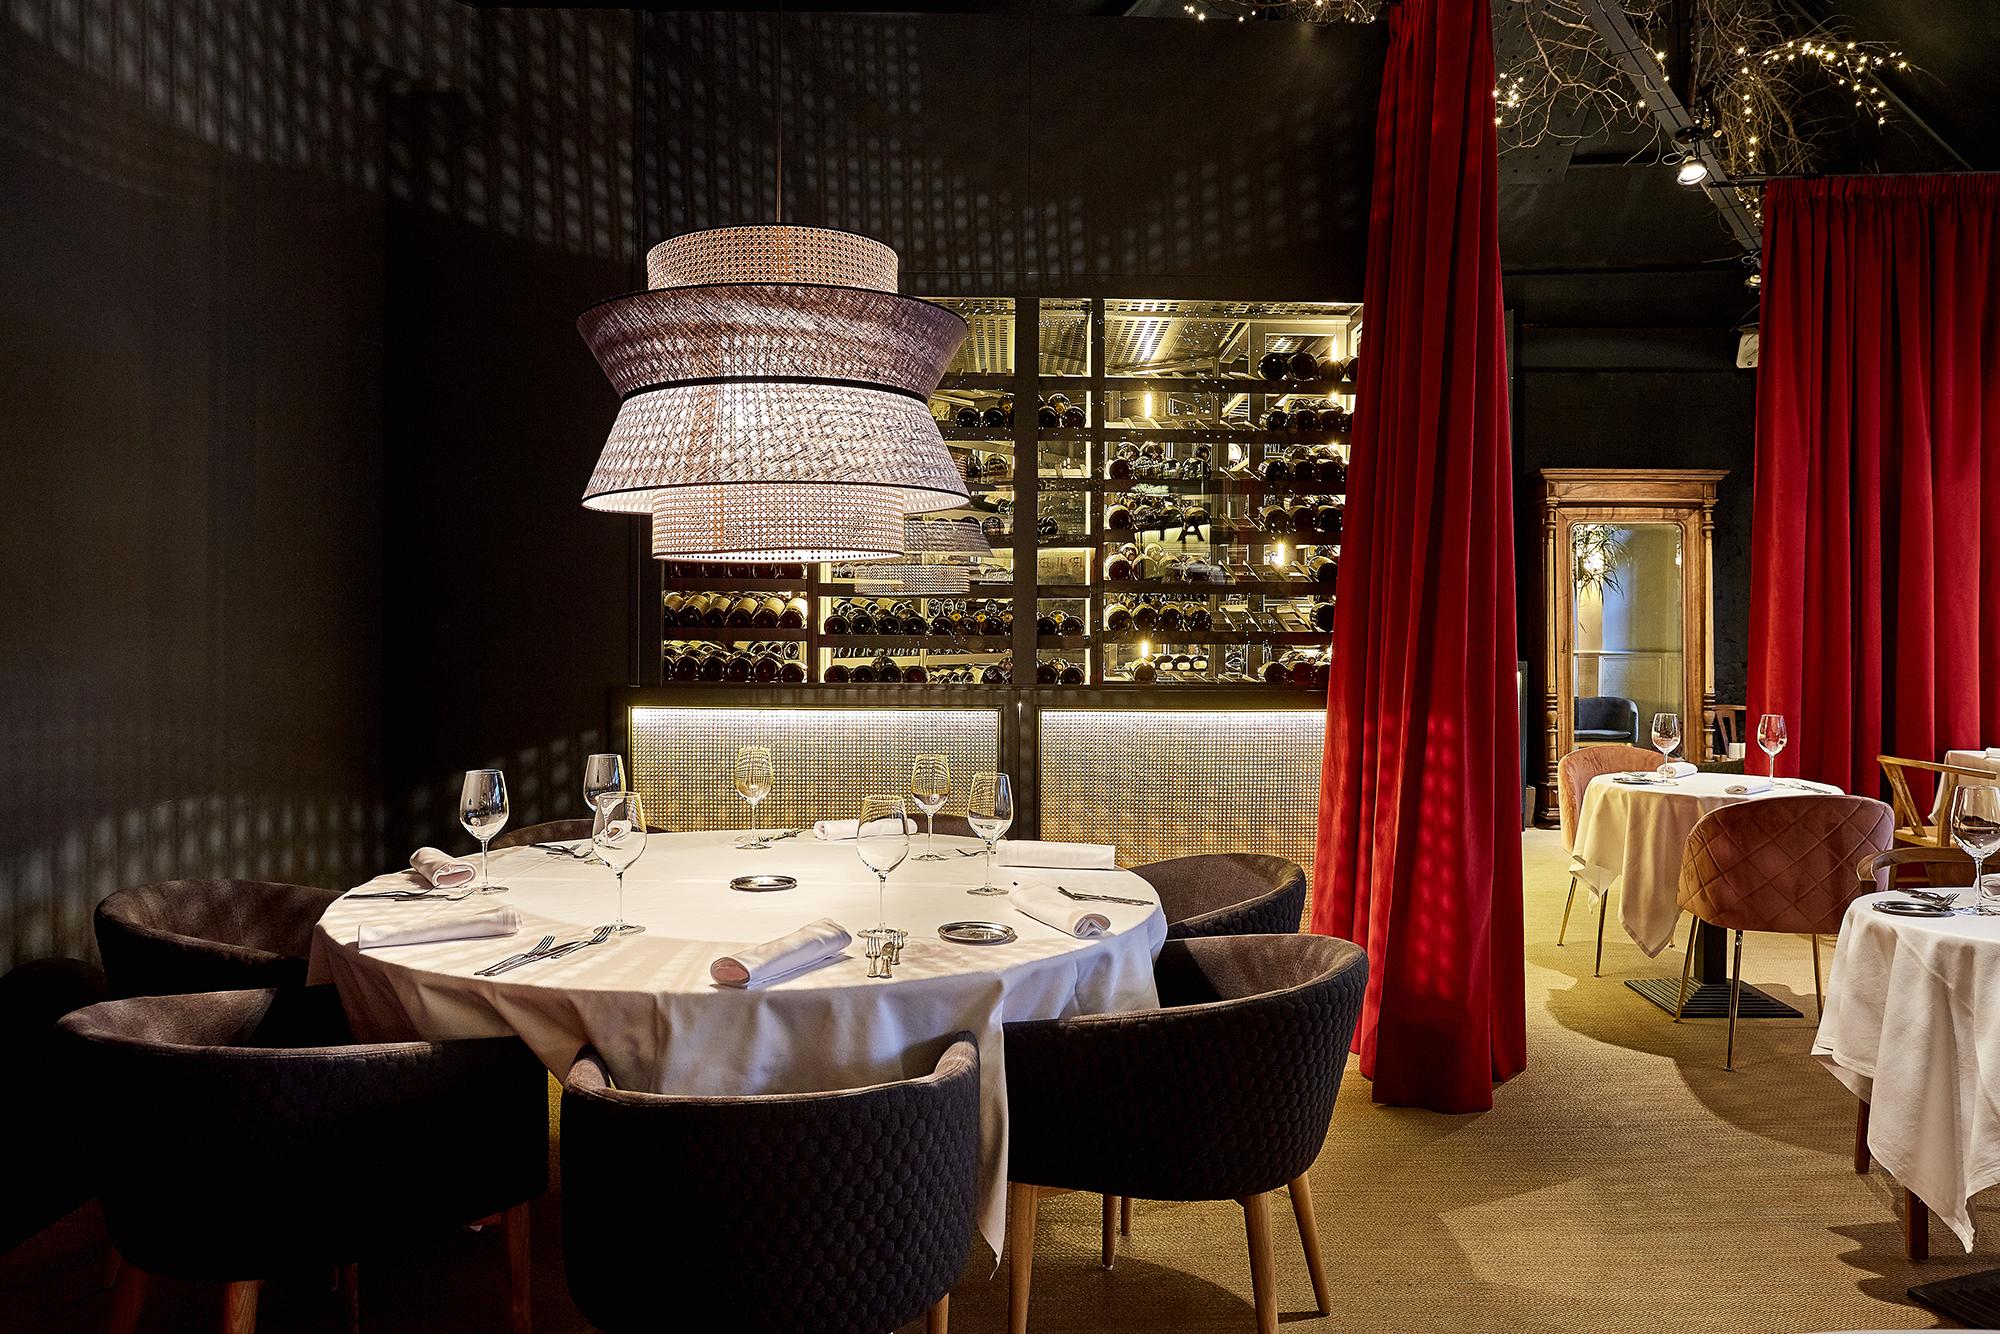 Bodega Climatizada en Restaurante, Madrid